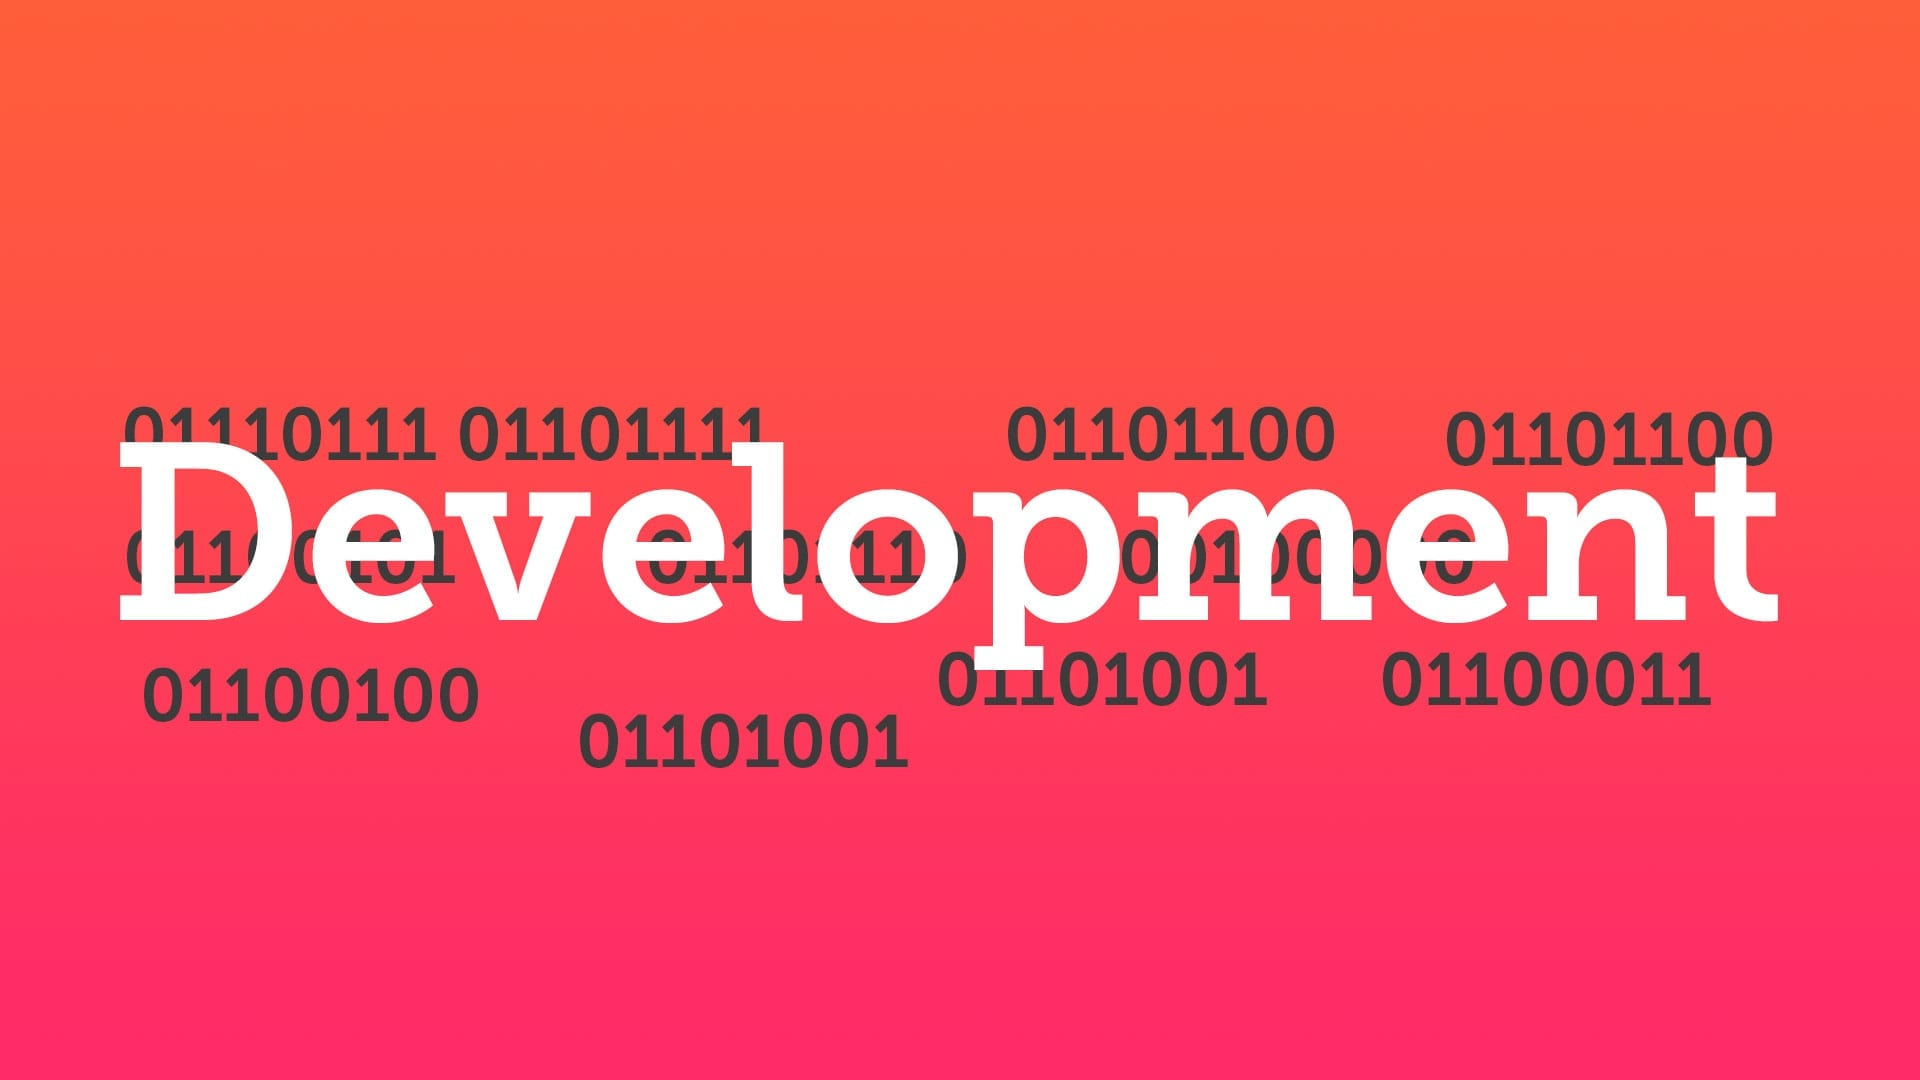 Developer, Development, Consultant, Technik, IT, PHP, Laravel